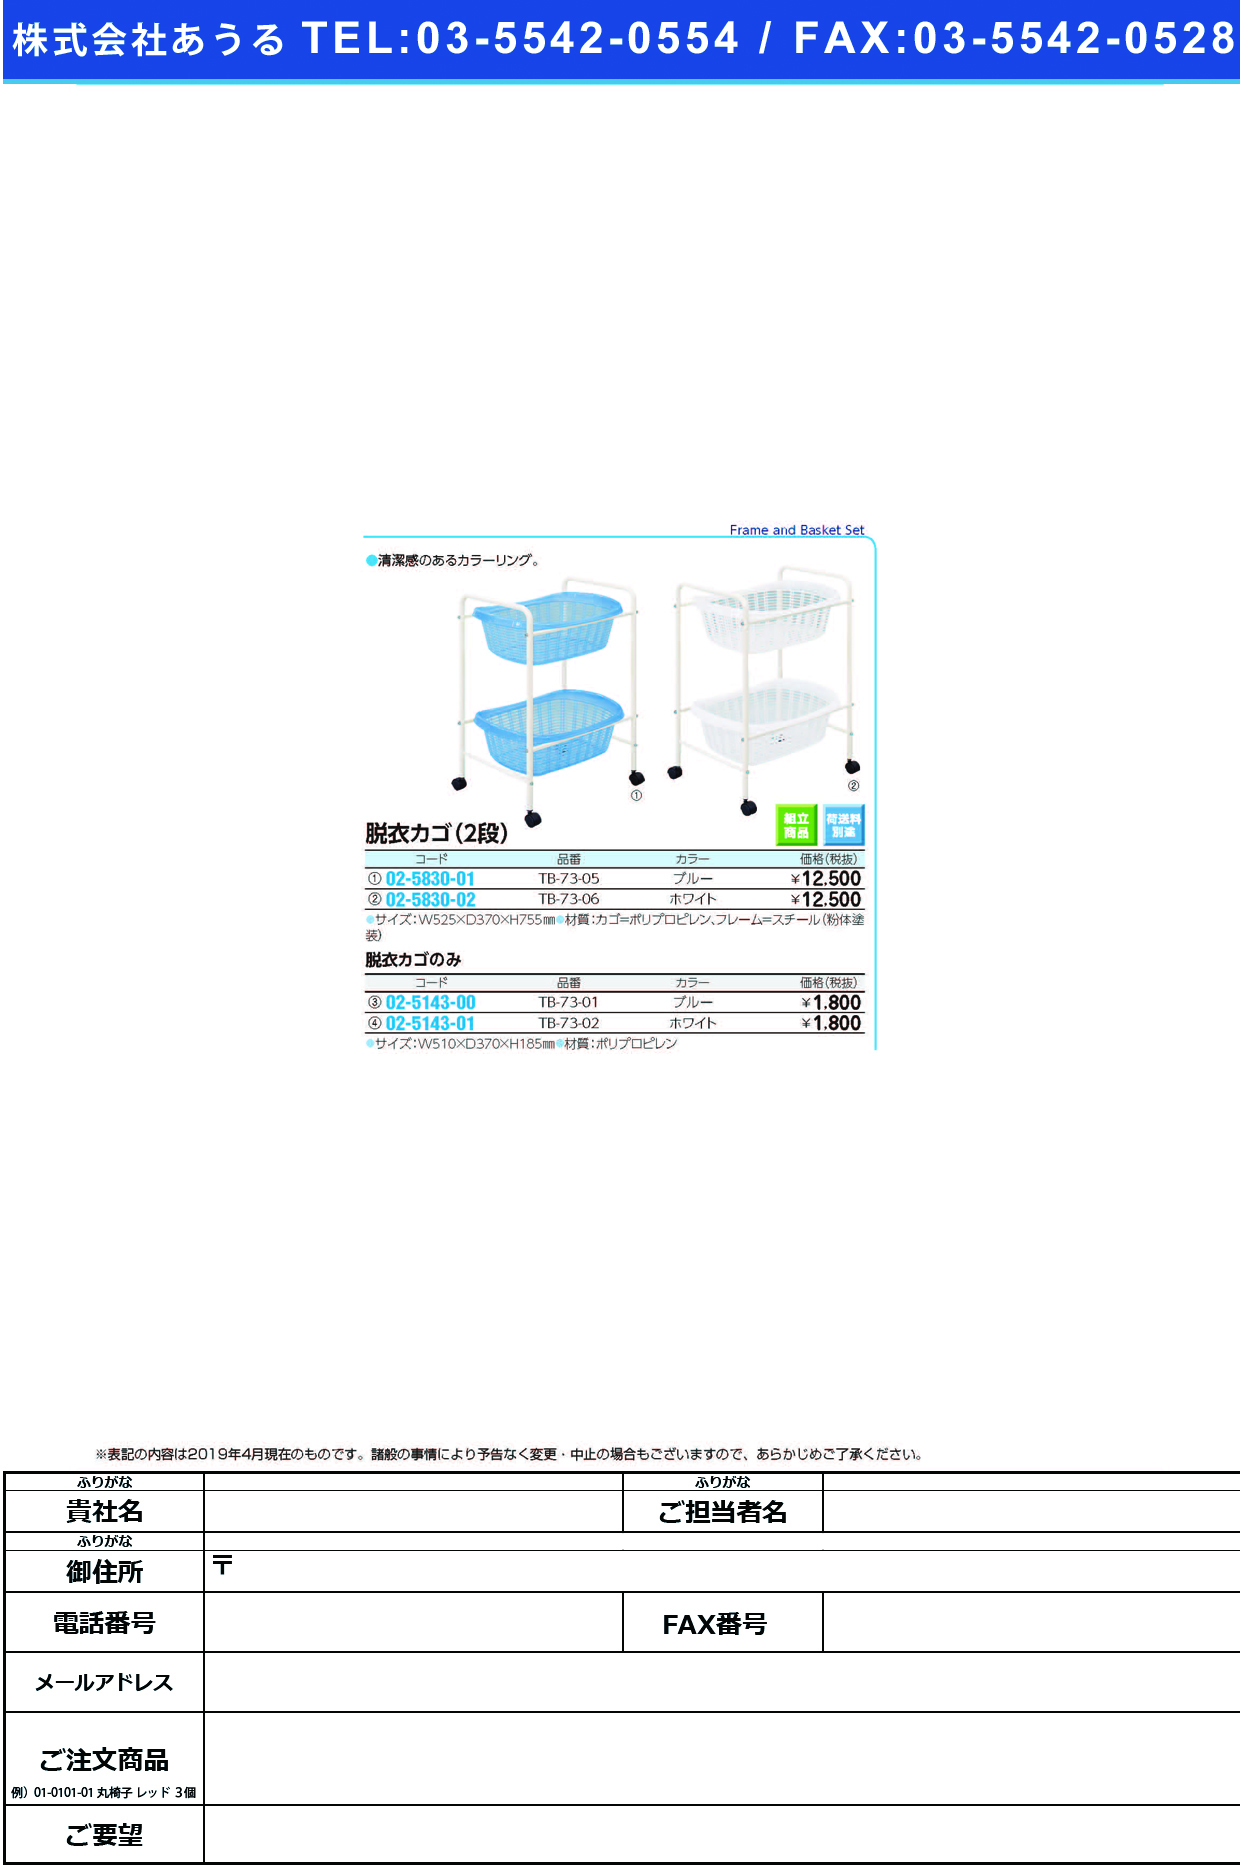 (02-5830-02)脱衣カゴ(2段用) TB-73-06(ホワイト) ダツイカゴ(2ダンヨウ)(高田ベッド製作所)【1台単位】【2019年カタログ商品】